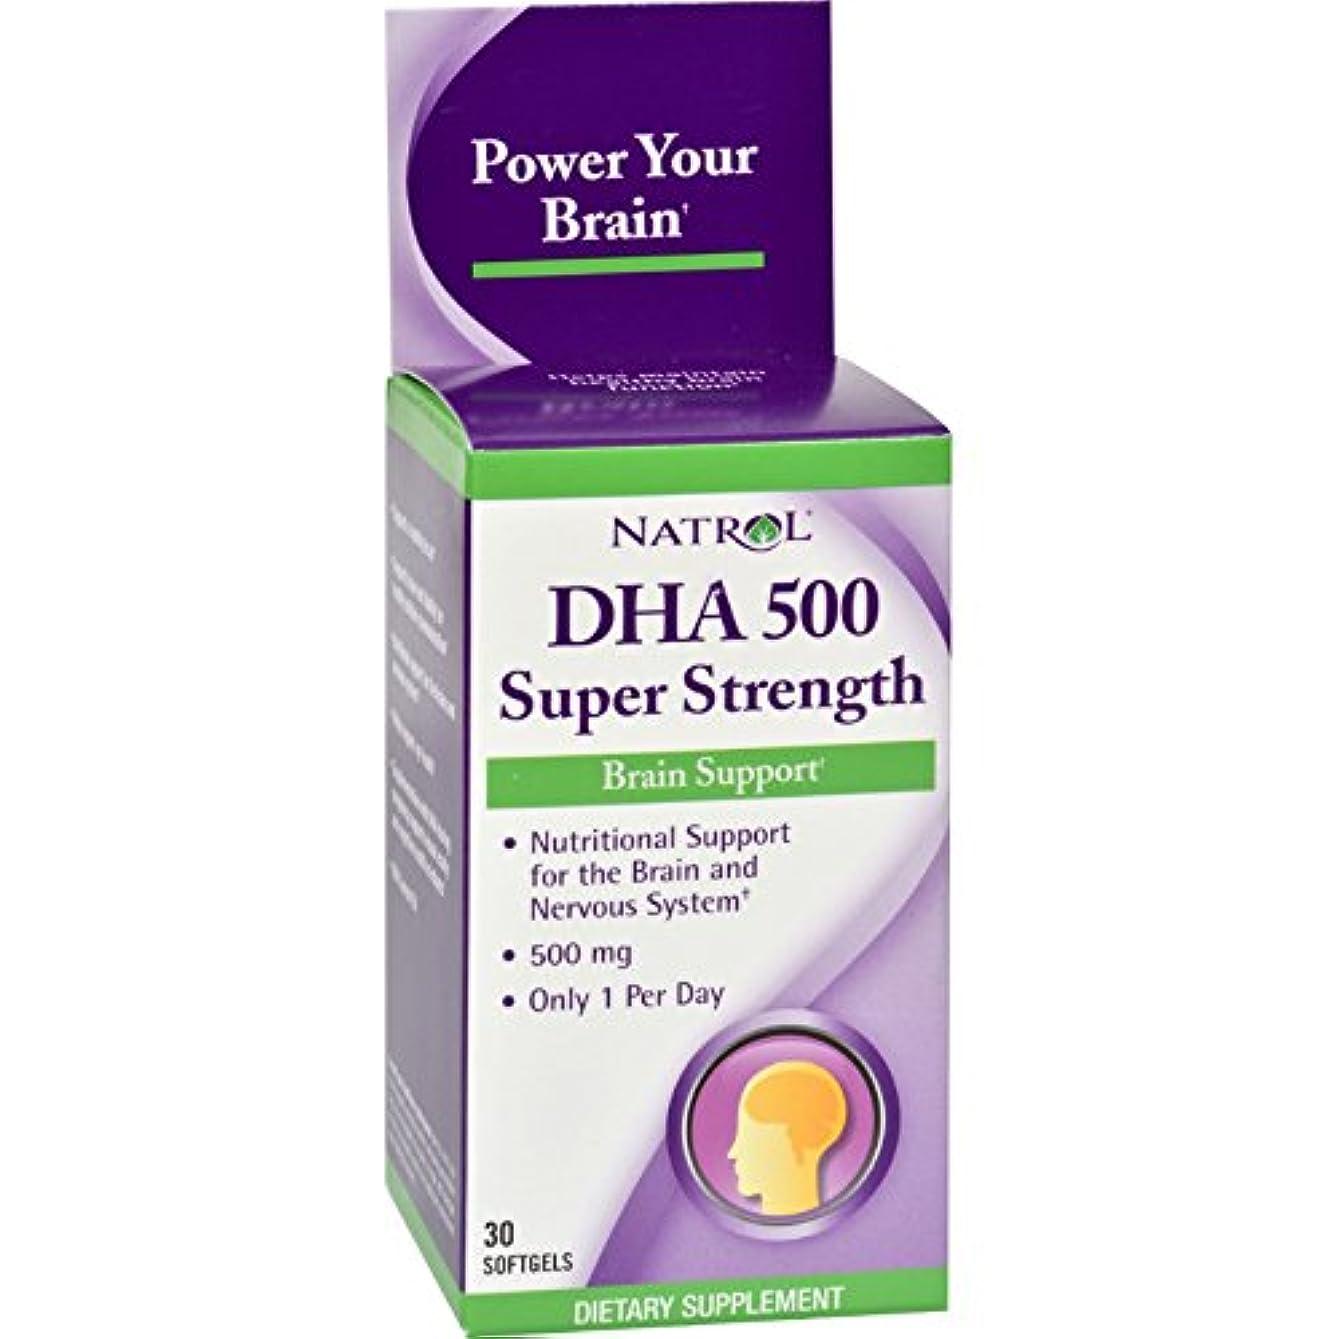 シーボード膿瘍運搬[海外直送品] Natrol DHA500 スーパーストレングス 30粒